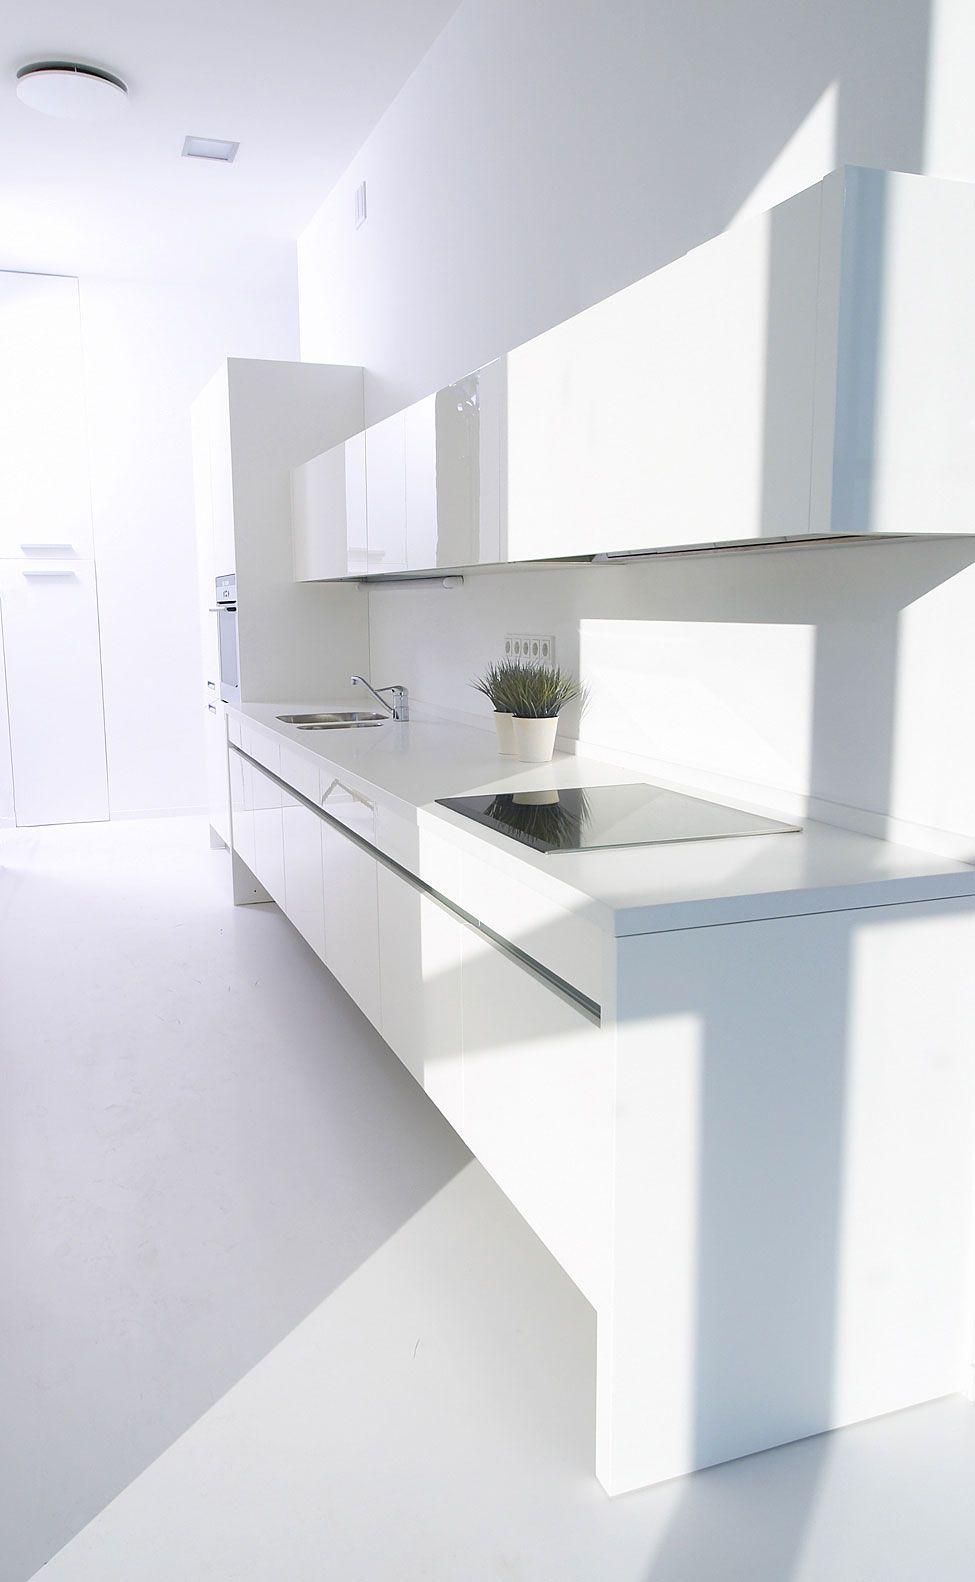 Falcons Nest Penthouse By Apk Studio 12 Minimalist Interior Minimalist Kitchen Minimalist Interior Design